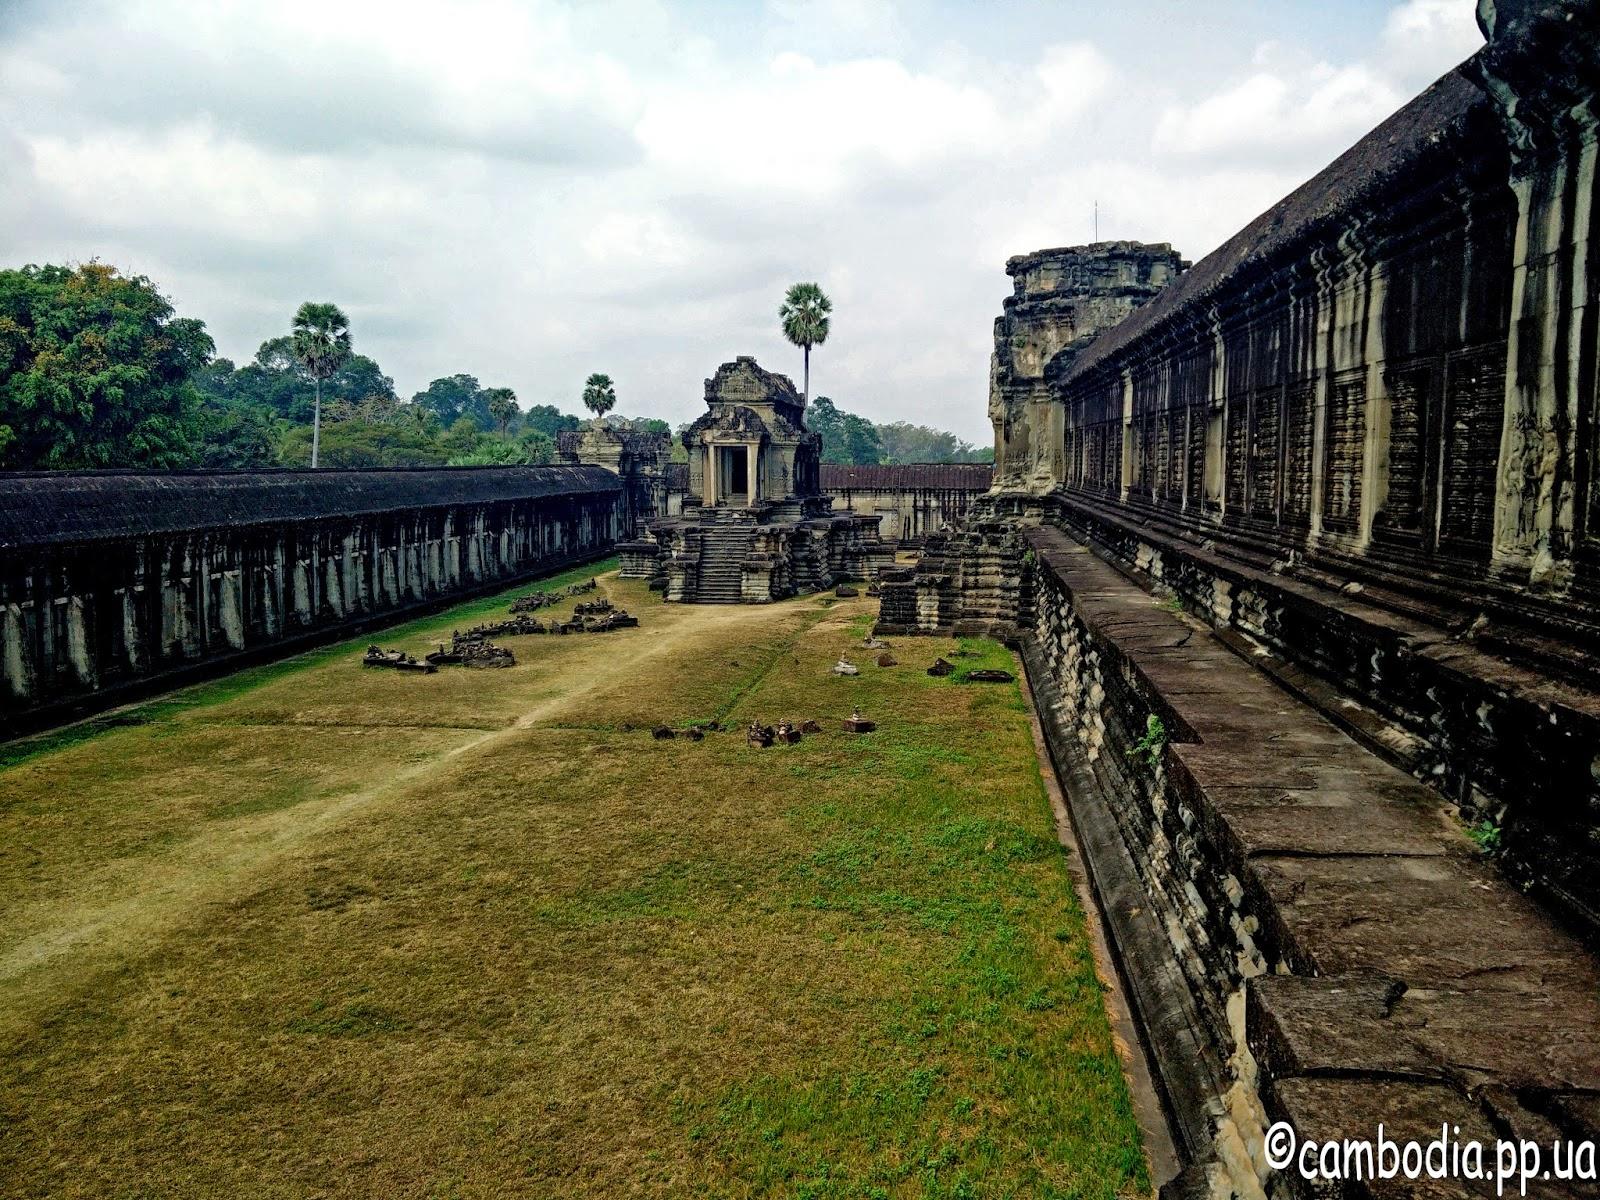 Камбоджа достопримечательности фото